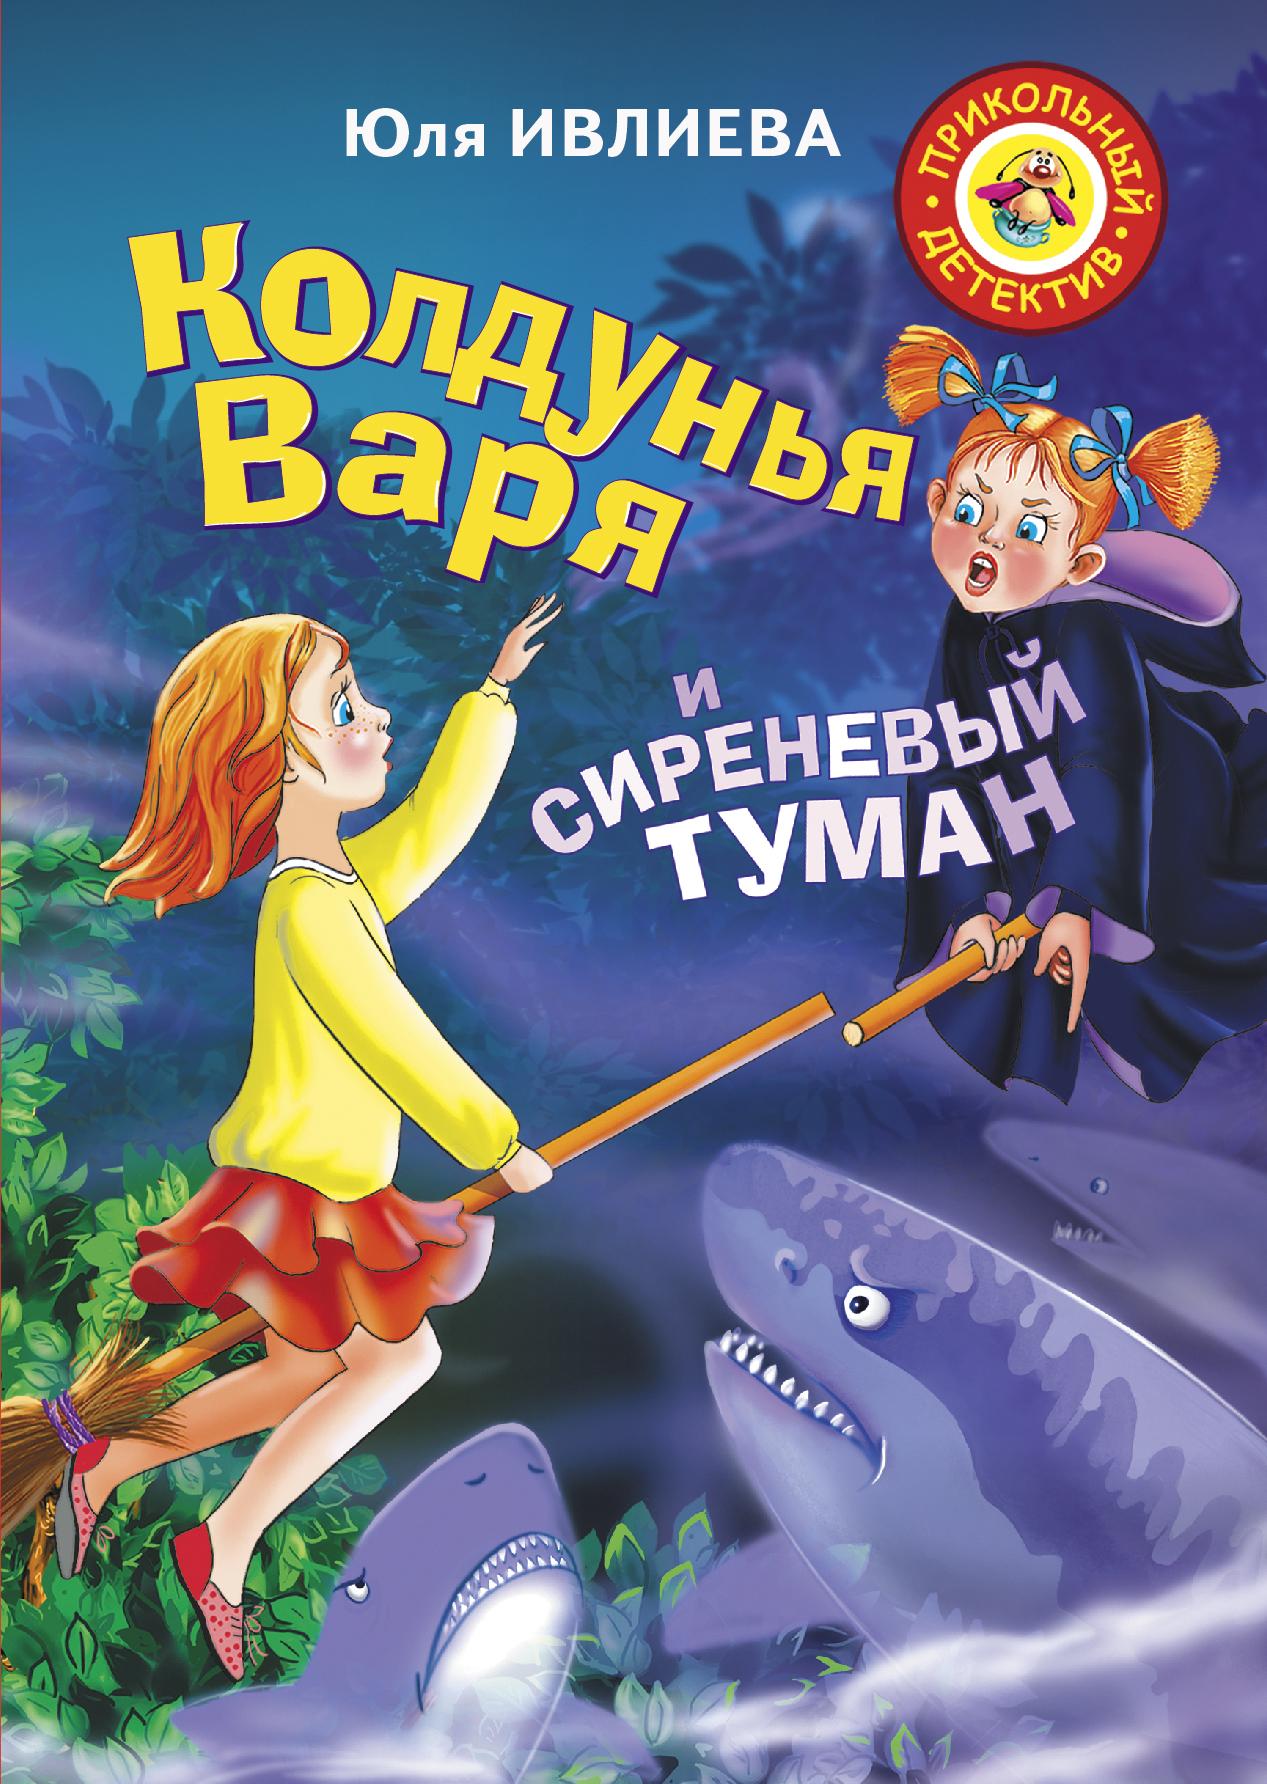 Юлия Ивлиева Колдунья Варя и сиреневый туман футболка варе